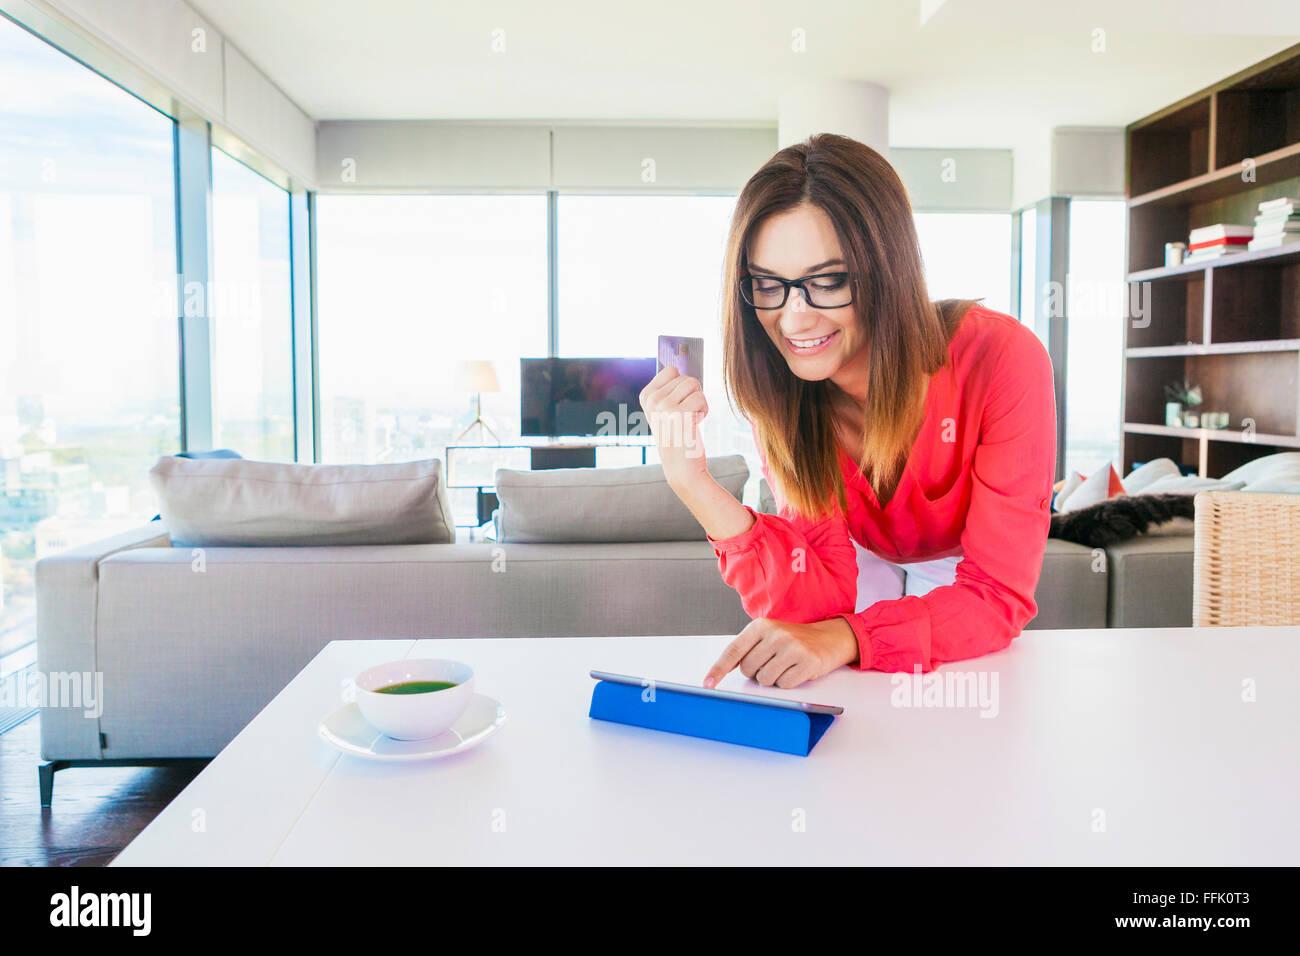 Donna in appartamento shopping online con tavoletta digitale Immagini Stock